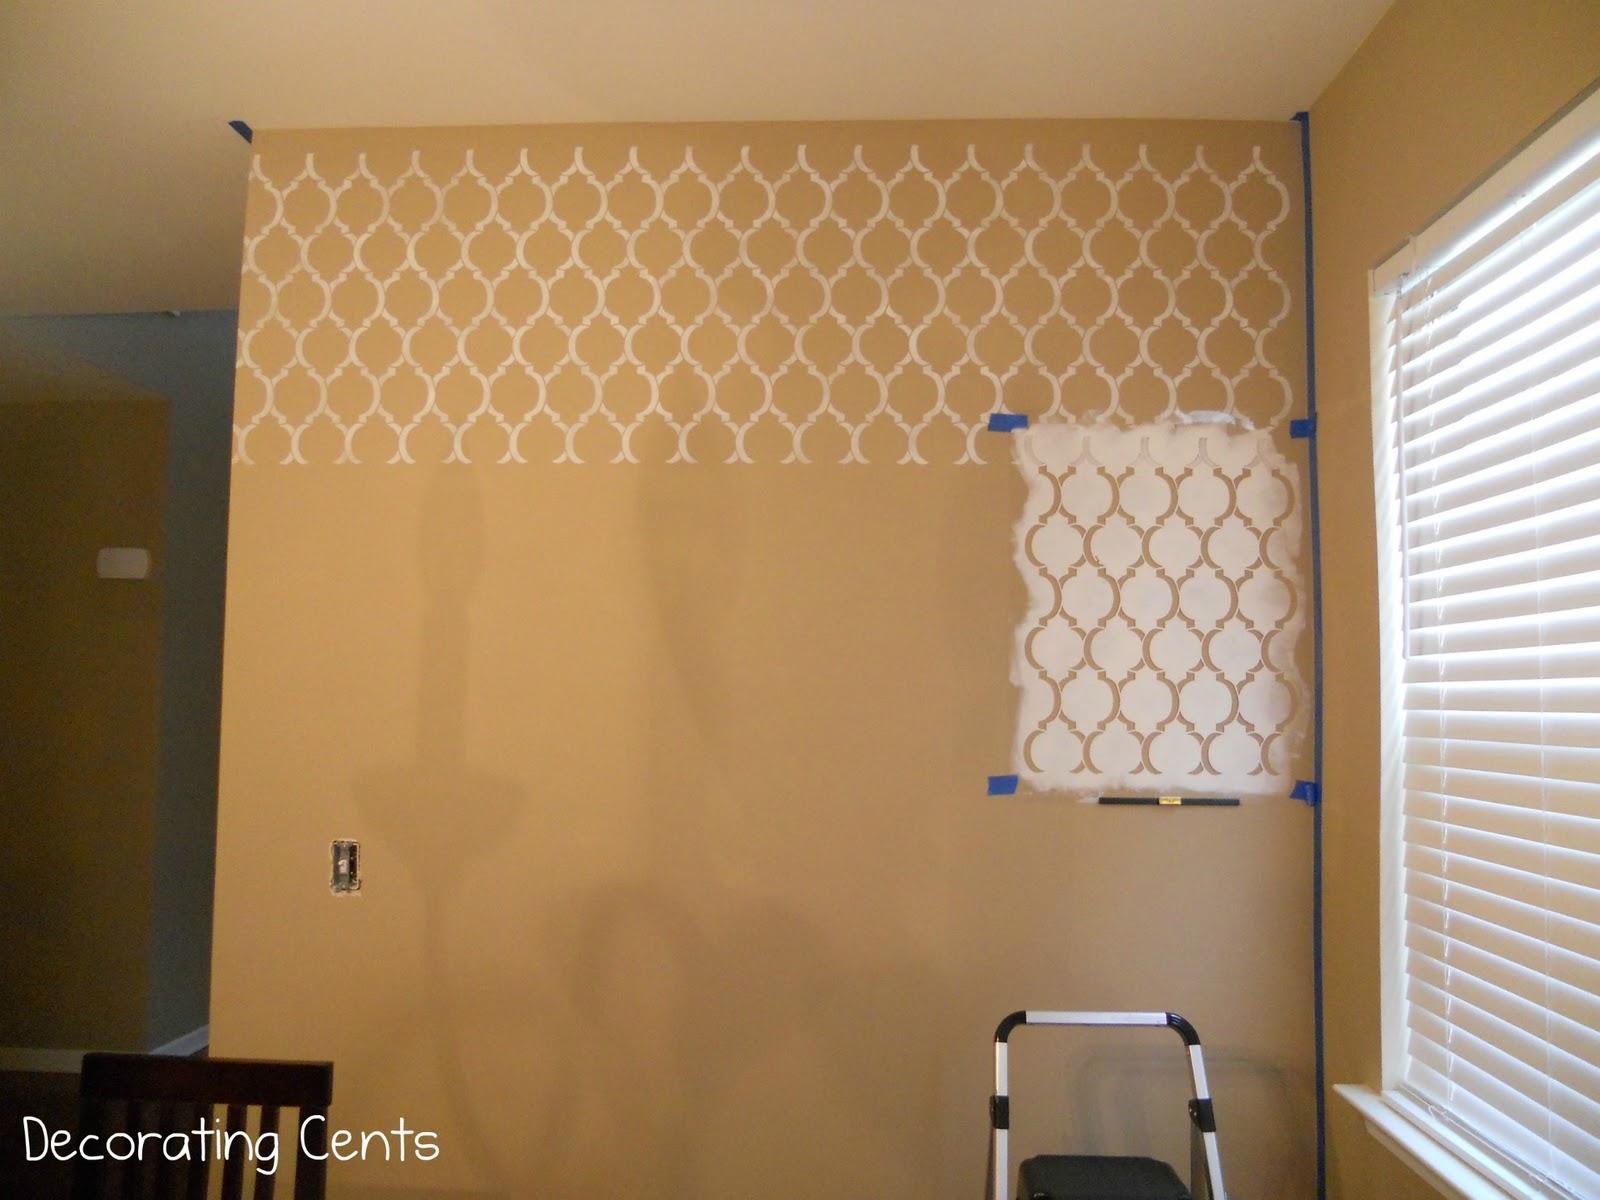 Bathroom wall decorations stencils for walls stunning stencil on walls 1600 x 1200 184 kb jpeg amipublicfo Gallery